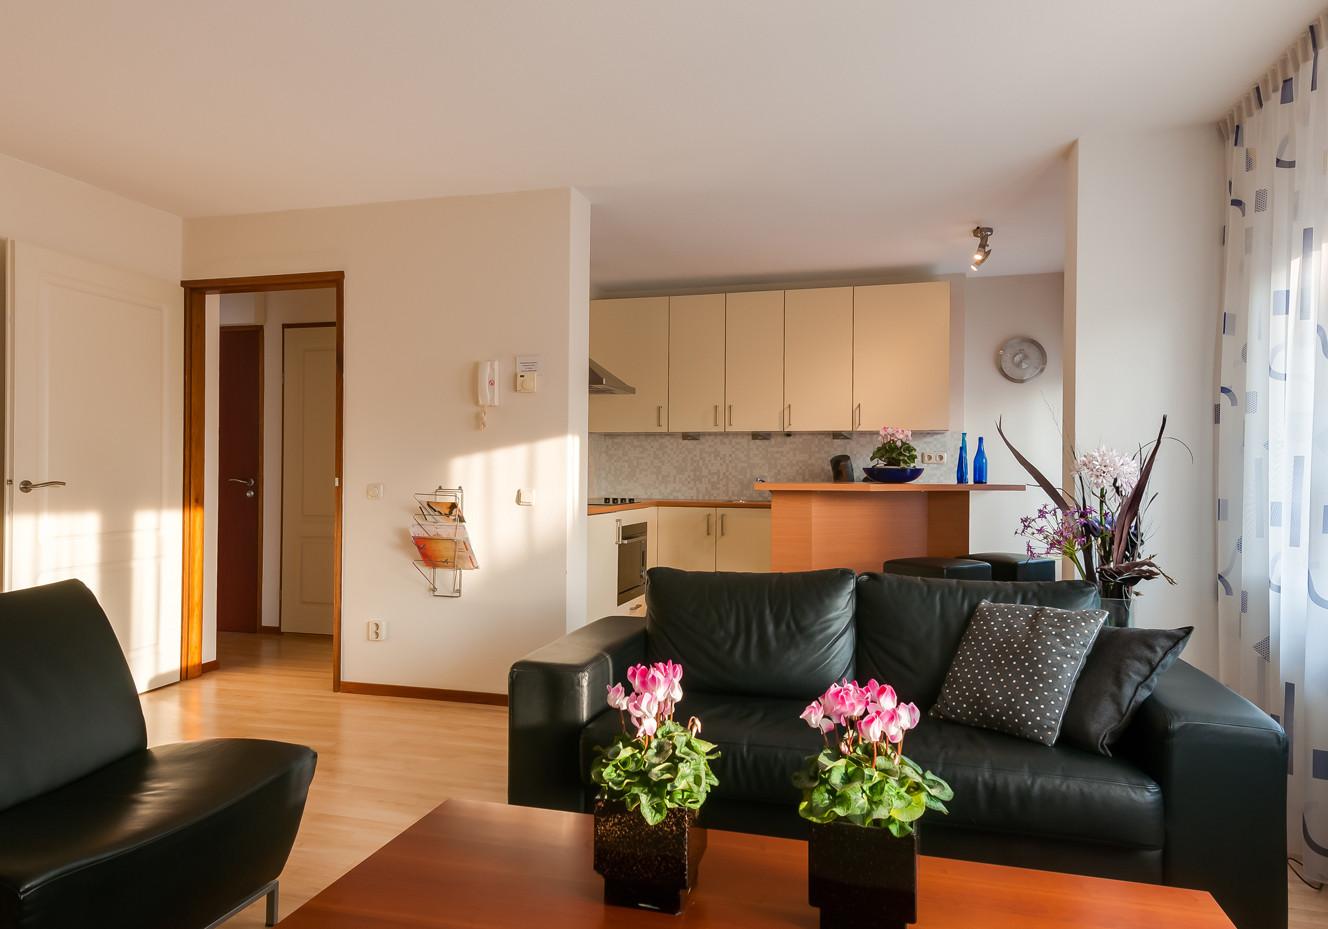 Foto's-apartementen-16